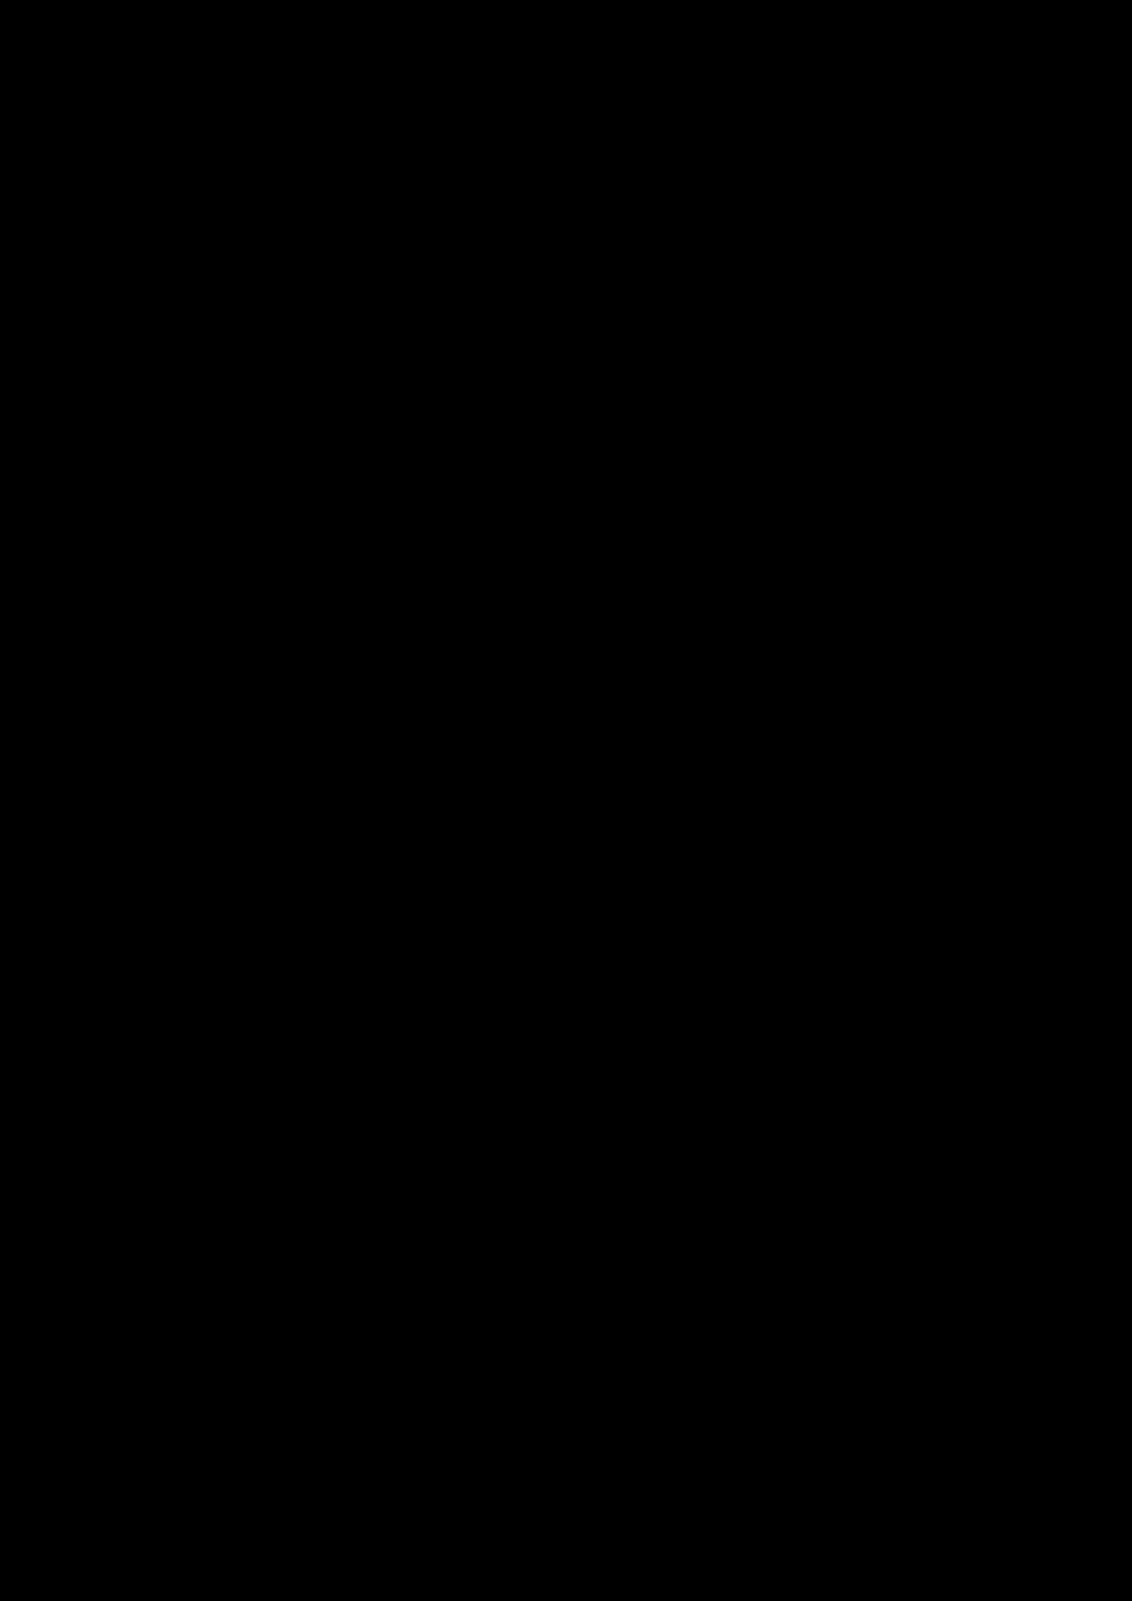 Zagadka volshebnoy stranyi slide, Image 52